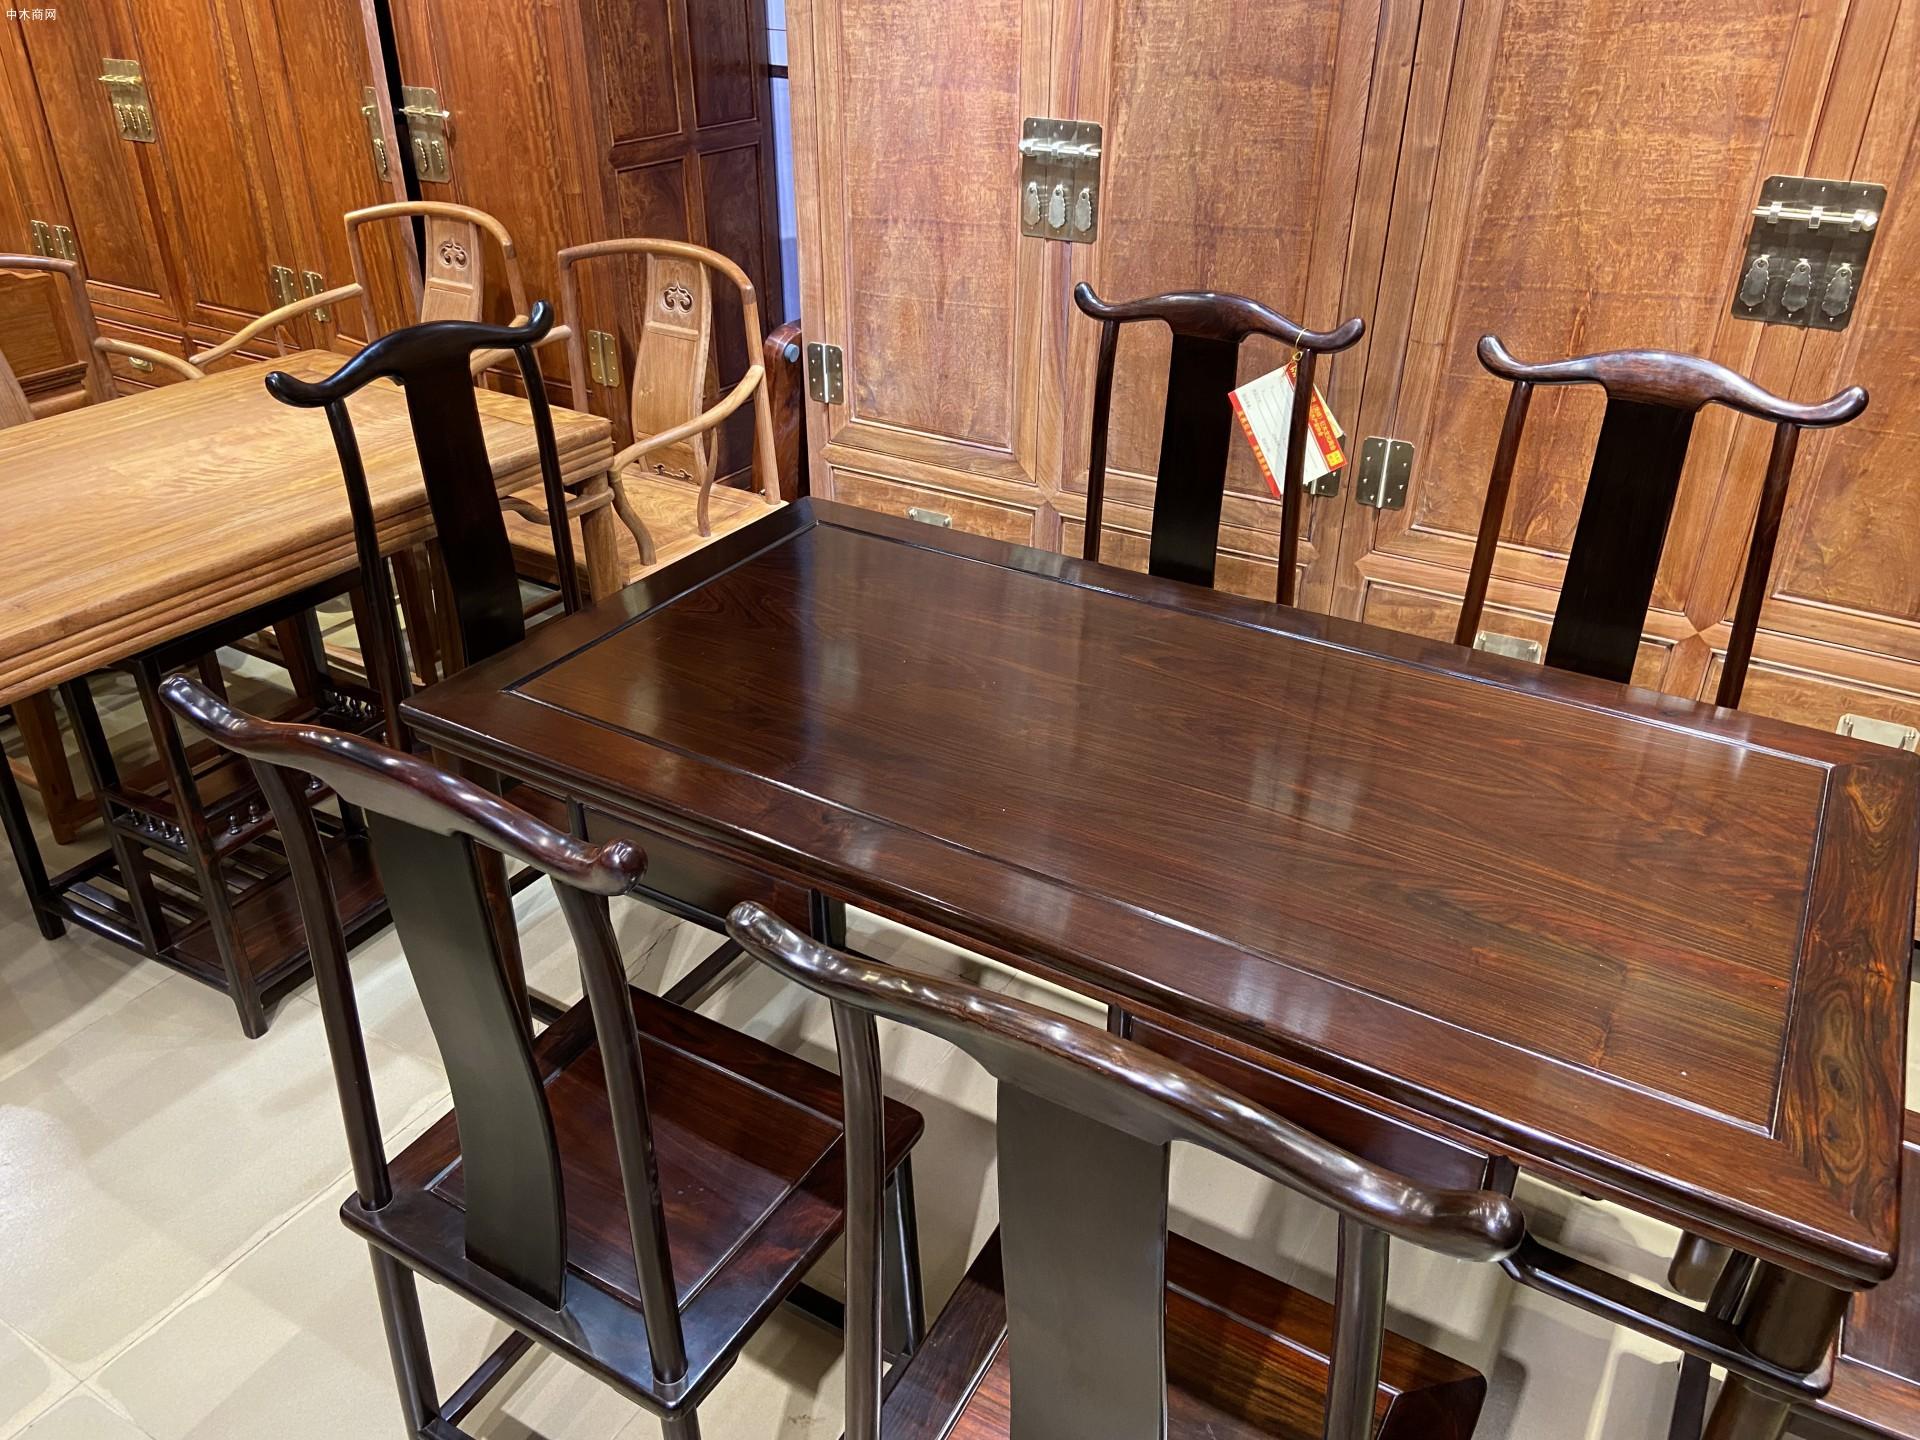 明式经典老挝大红酸枝灯挂椅餐桌七件套高清图片价格